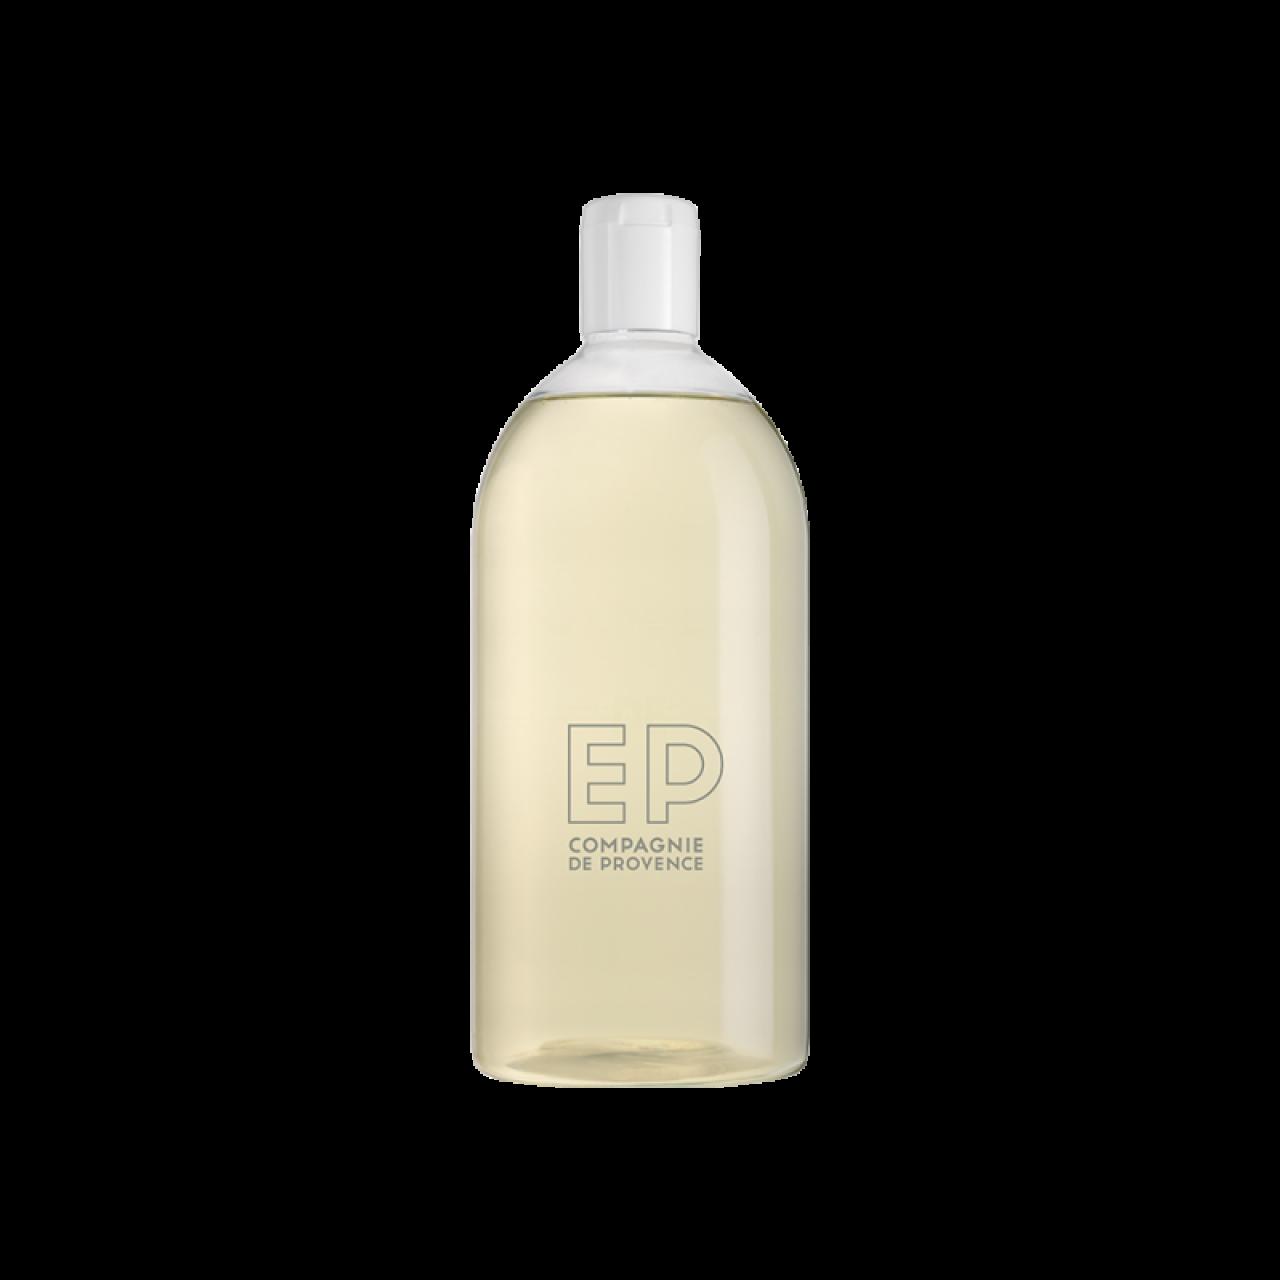 Sapone Liquido di Marsiglia al Legno dUlivo Ricarica 1L Compagnie de Provence Italia CPPF0101SL01LBO-01